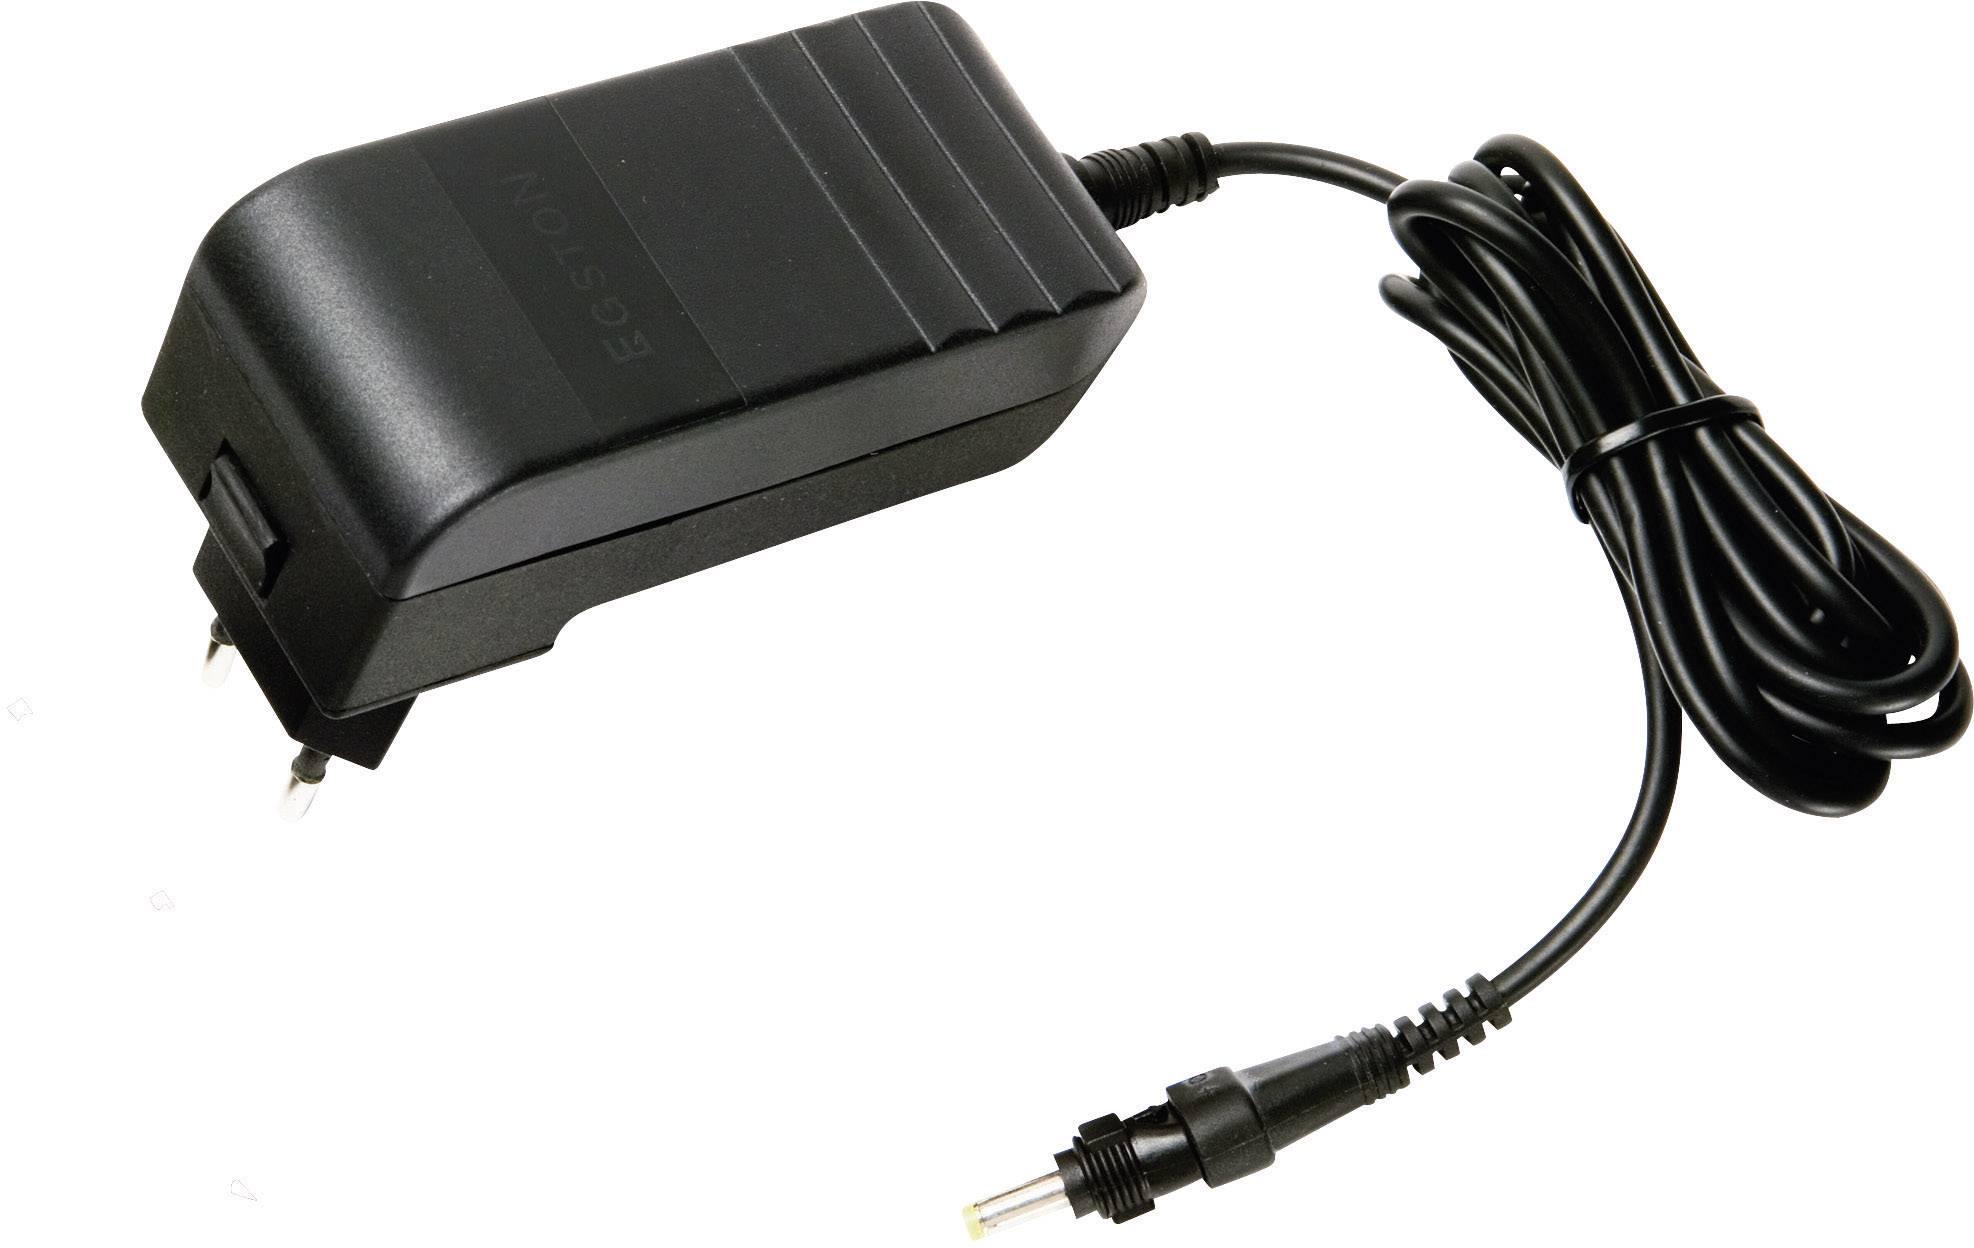 Zásuvkový adaptér so stálym napätím Egston 003920220, 12 W, 1.33 A